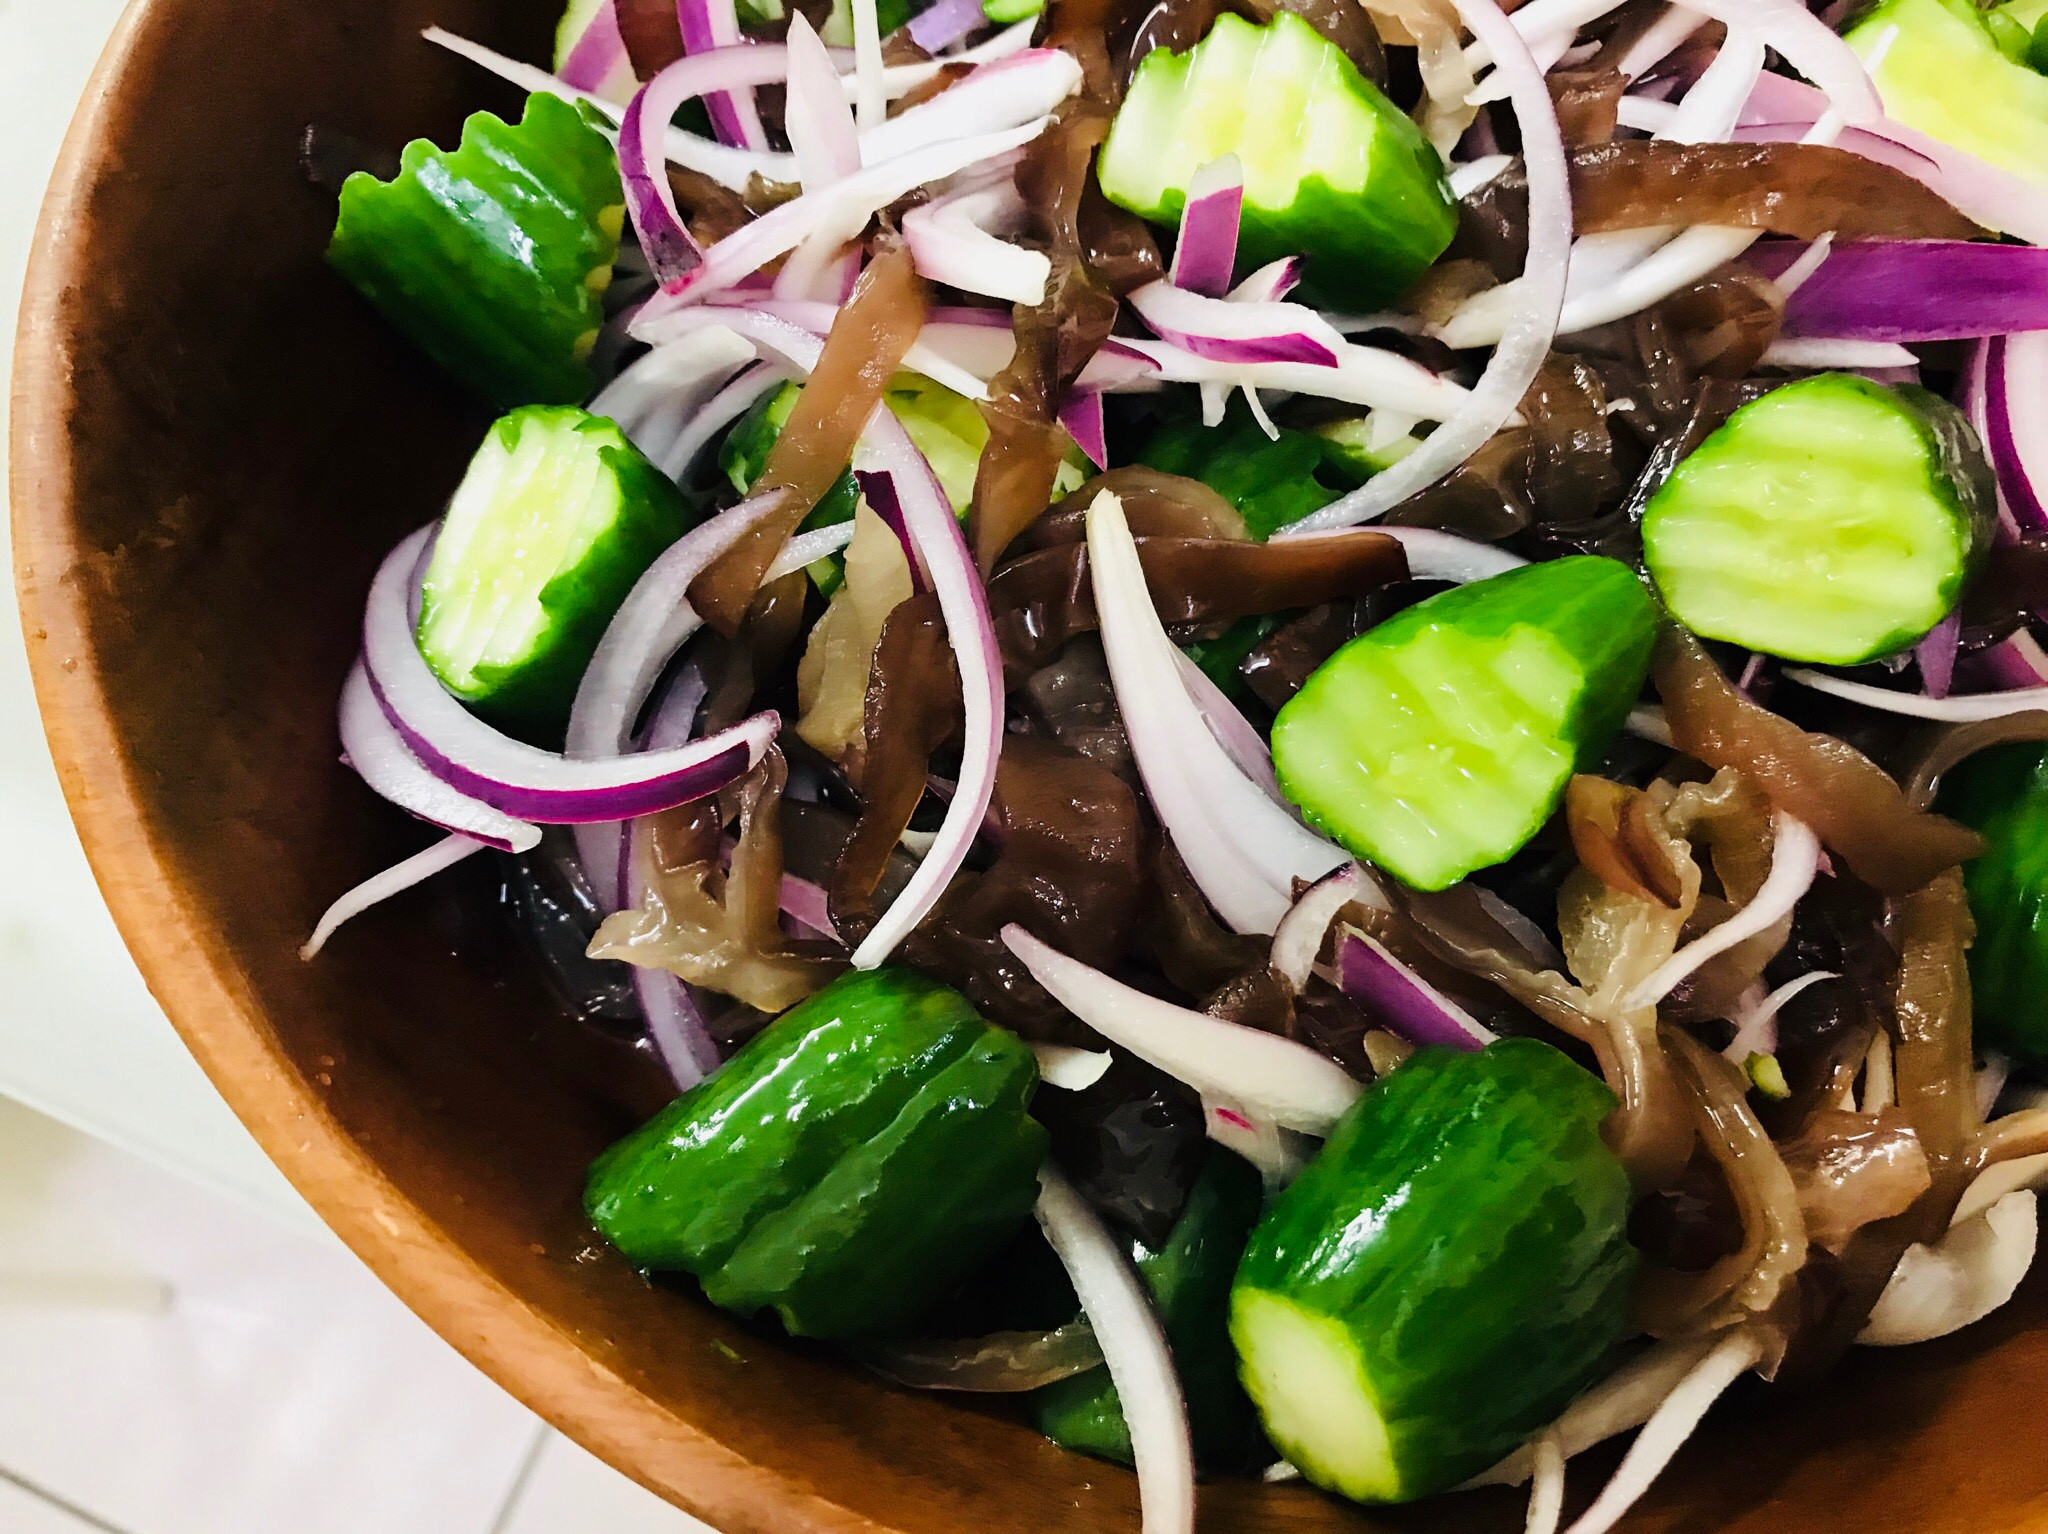 涼拌菜:小黃瓜匯黑木耳紫洋蔥